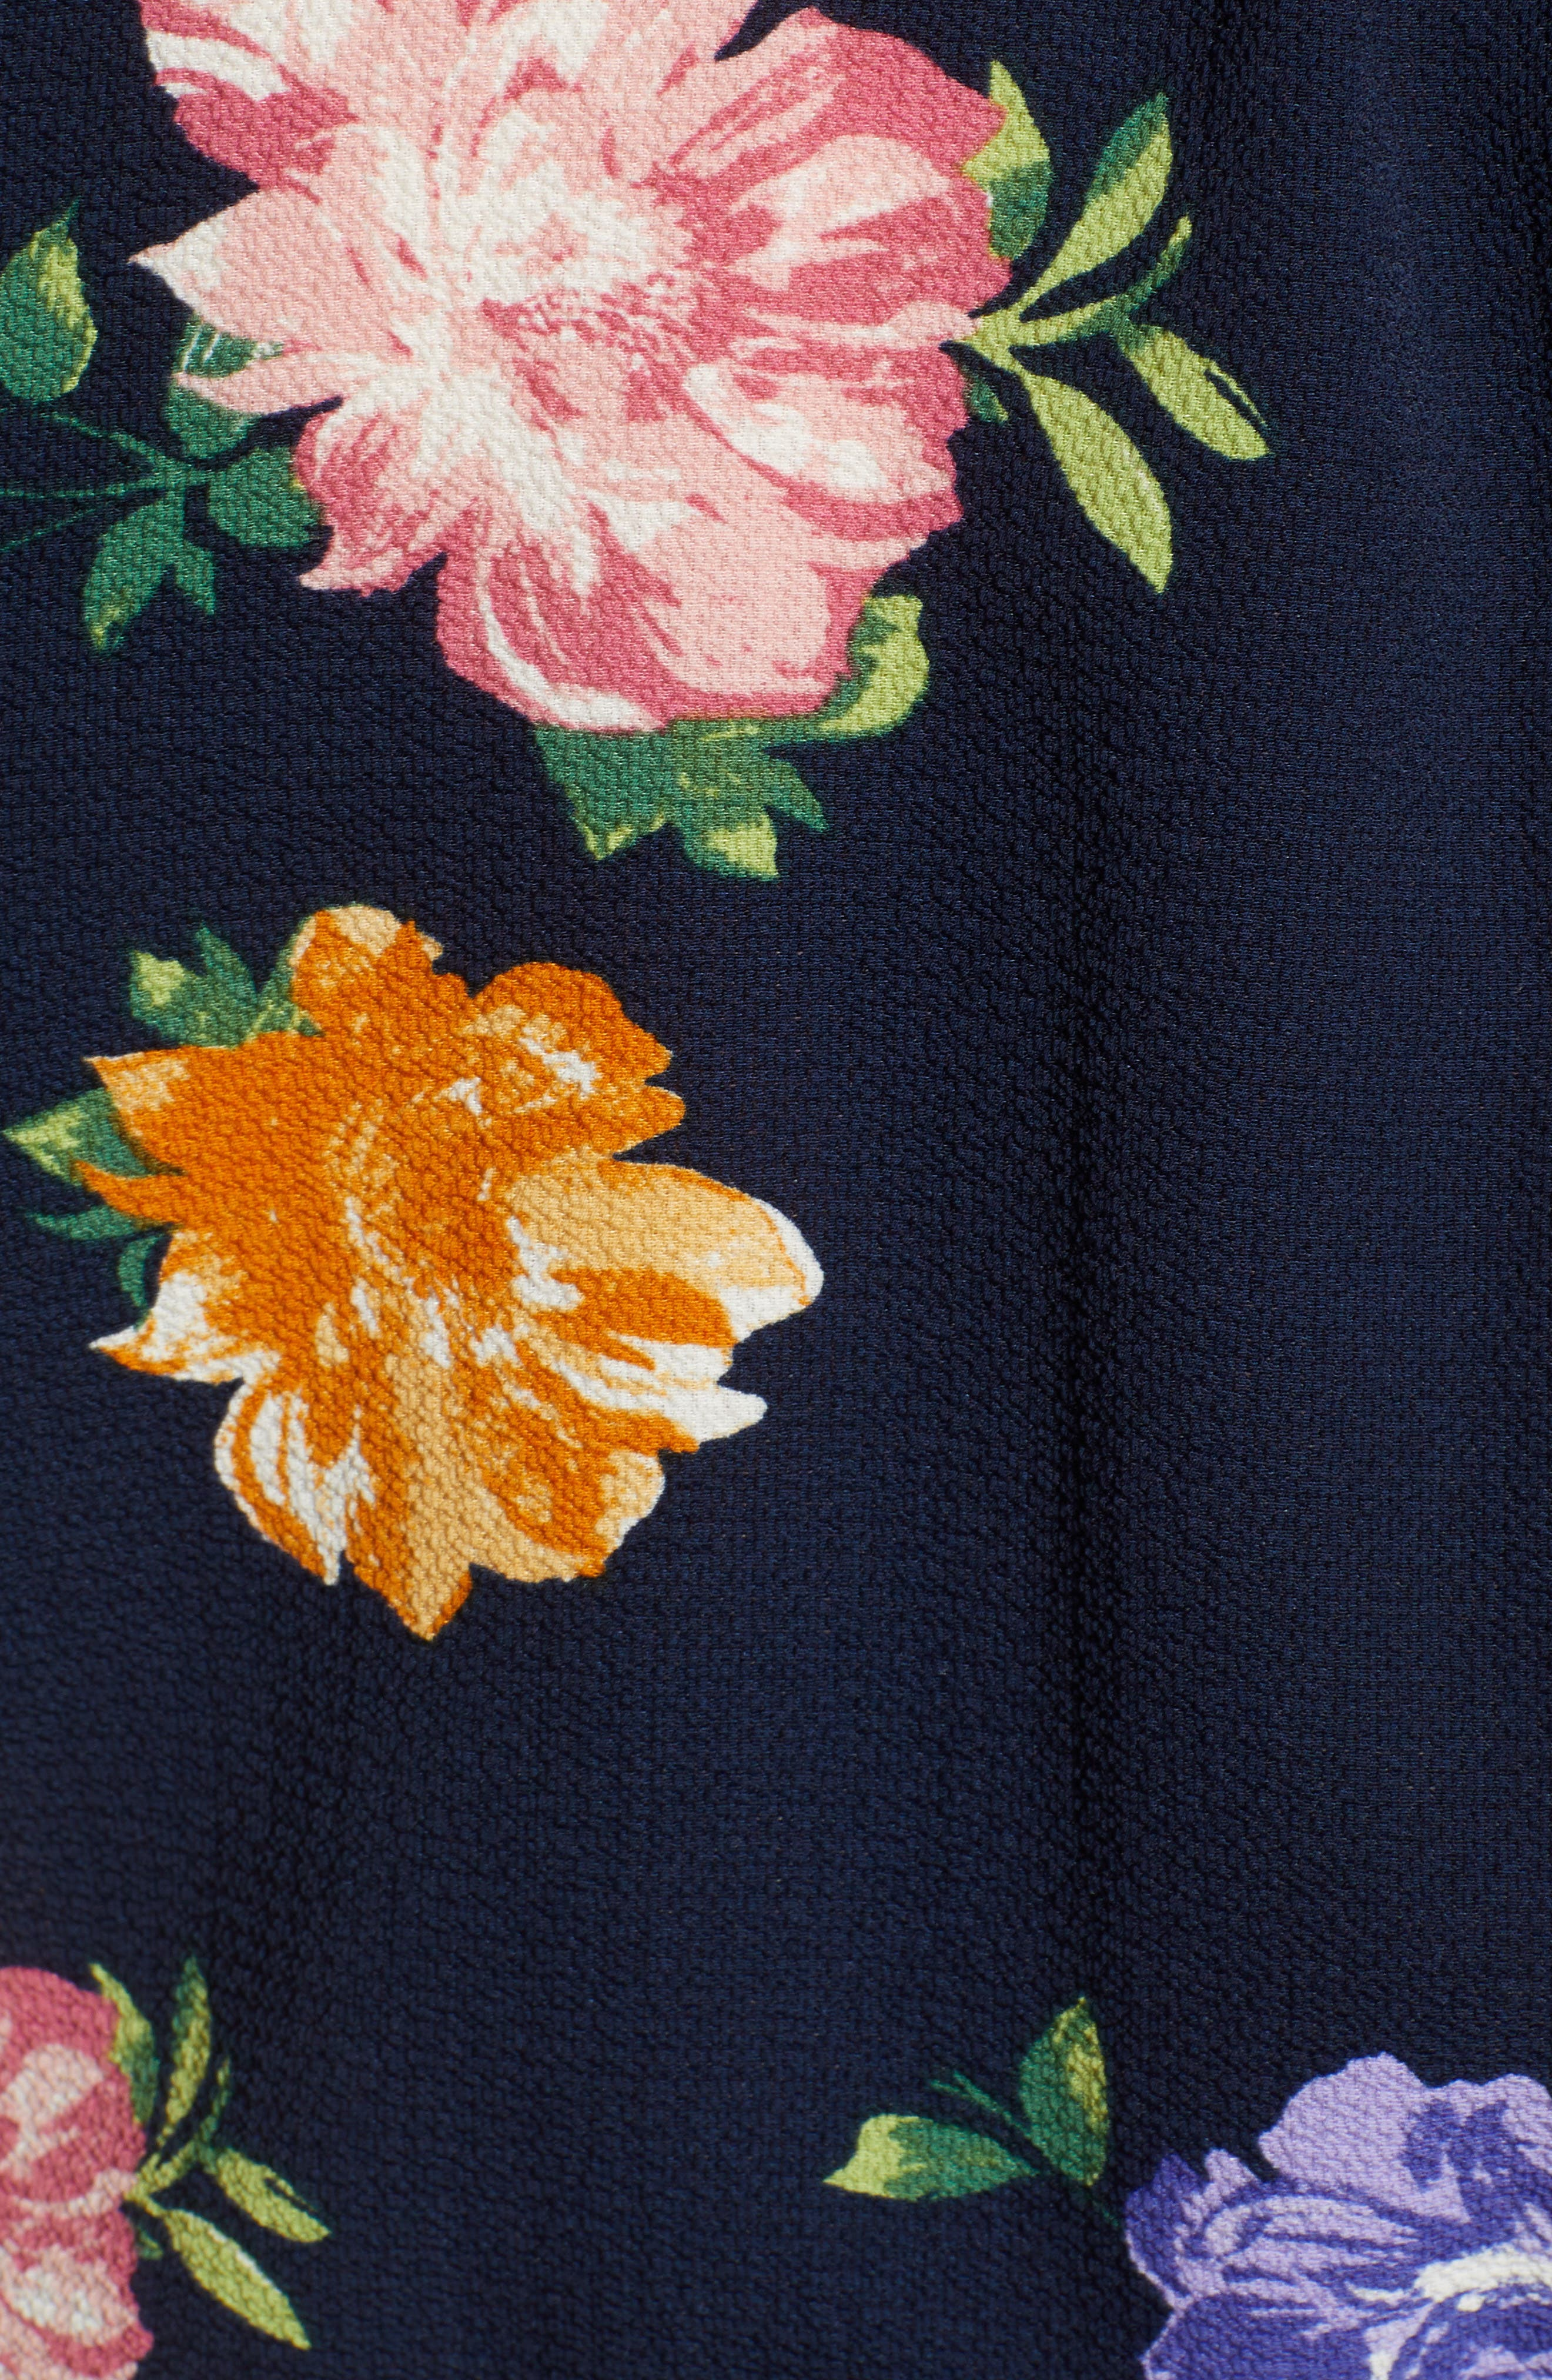 Frances Peplum Top,                             Alternate thumbnail 5, color,                             NAVY FLORAL PRINT